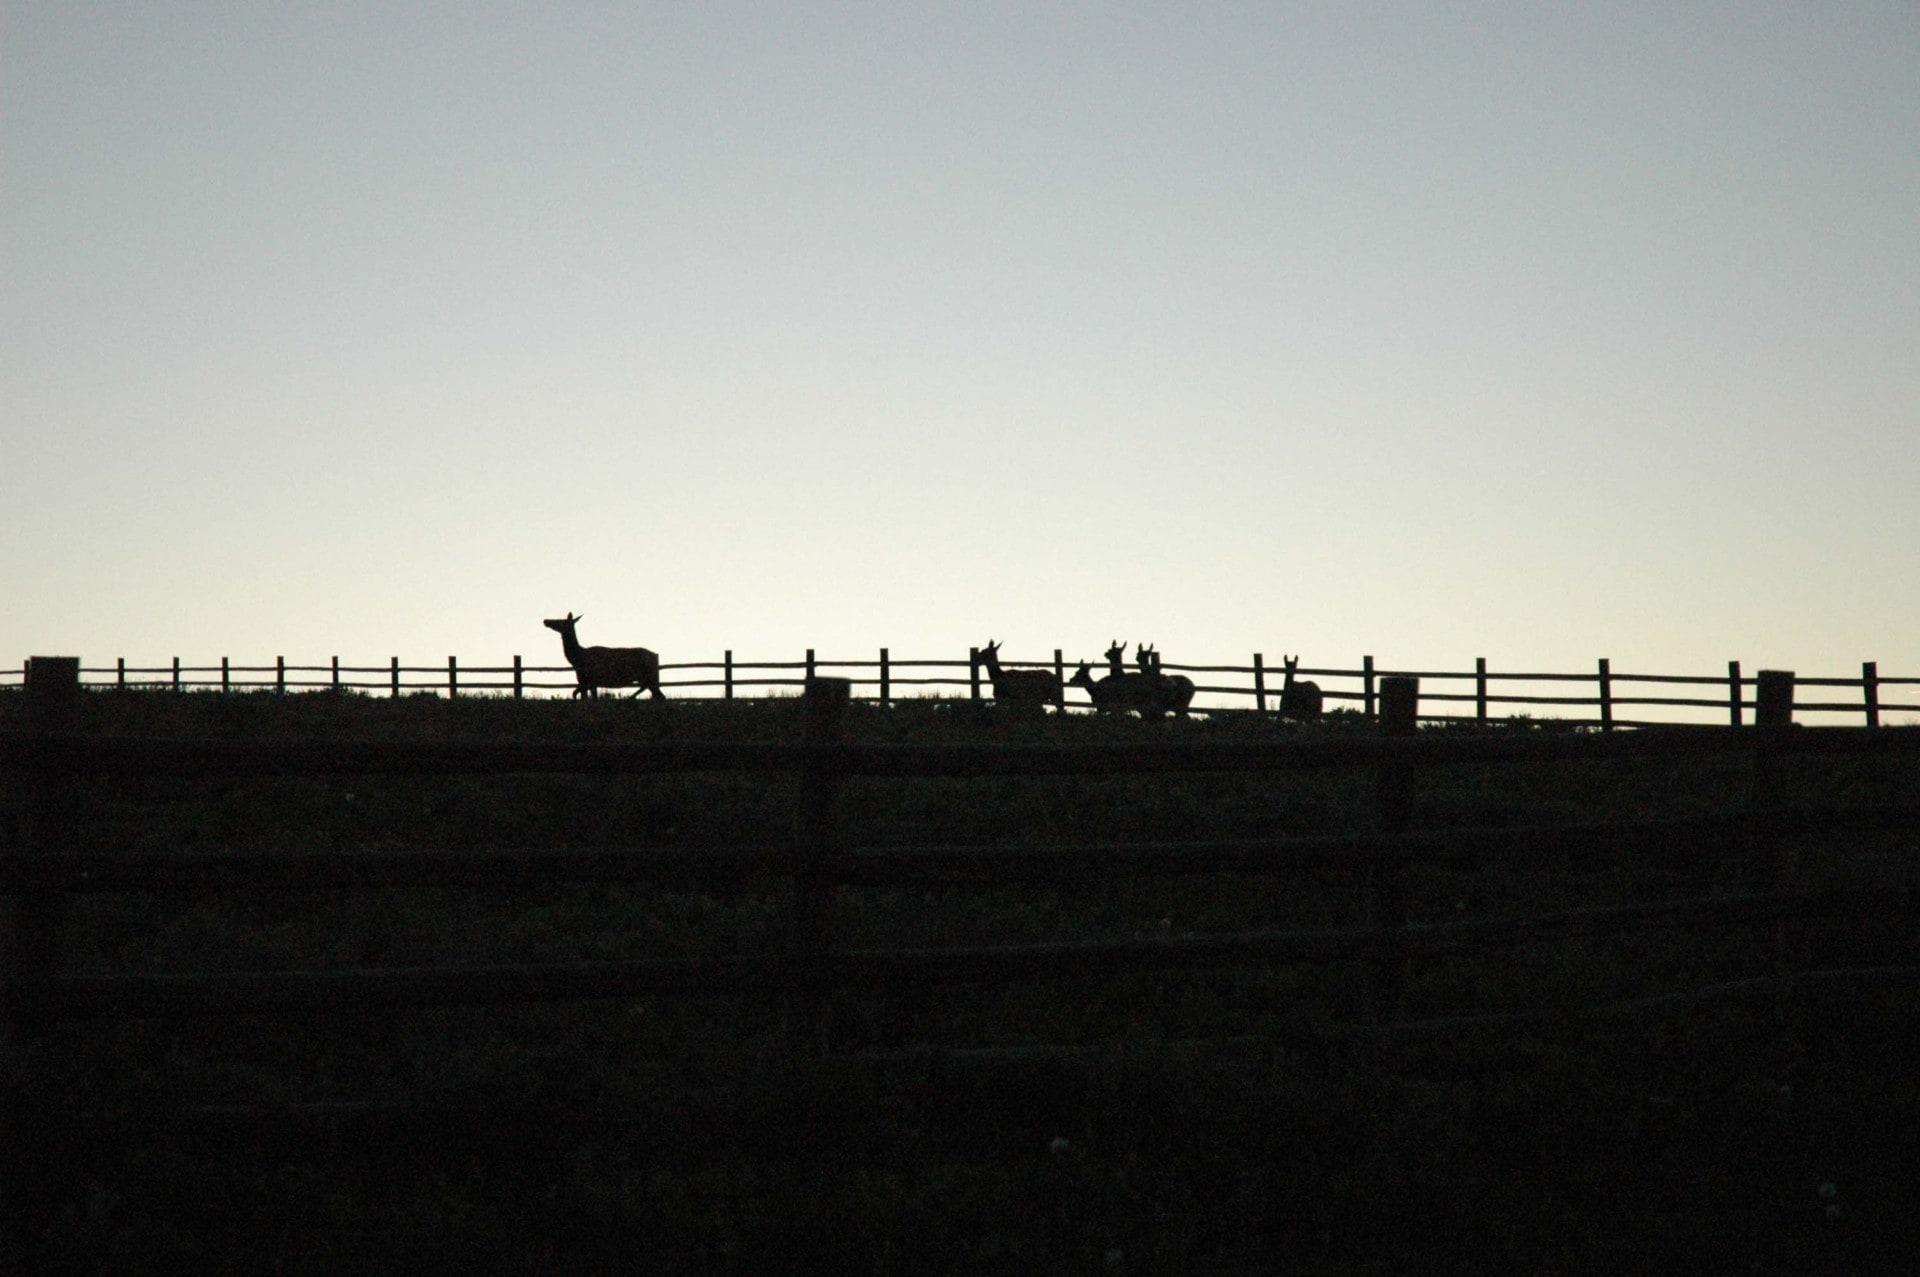 republic ranches sunset colorado buckskin ranch